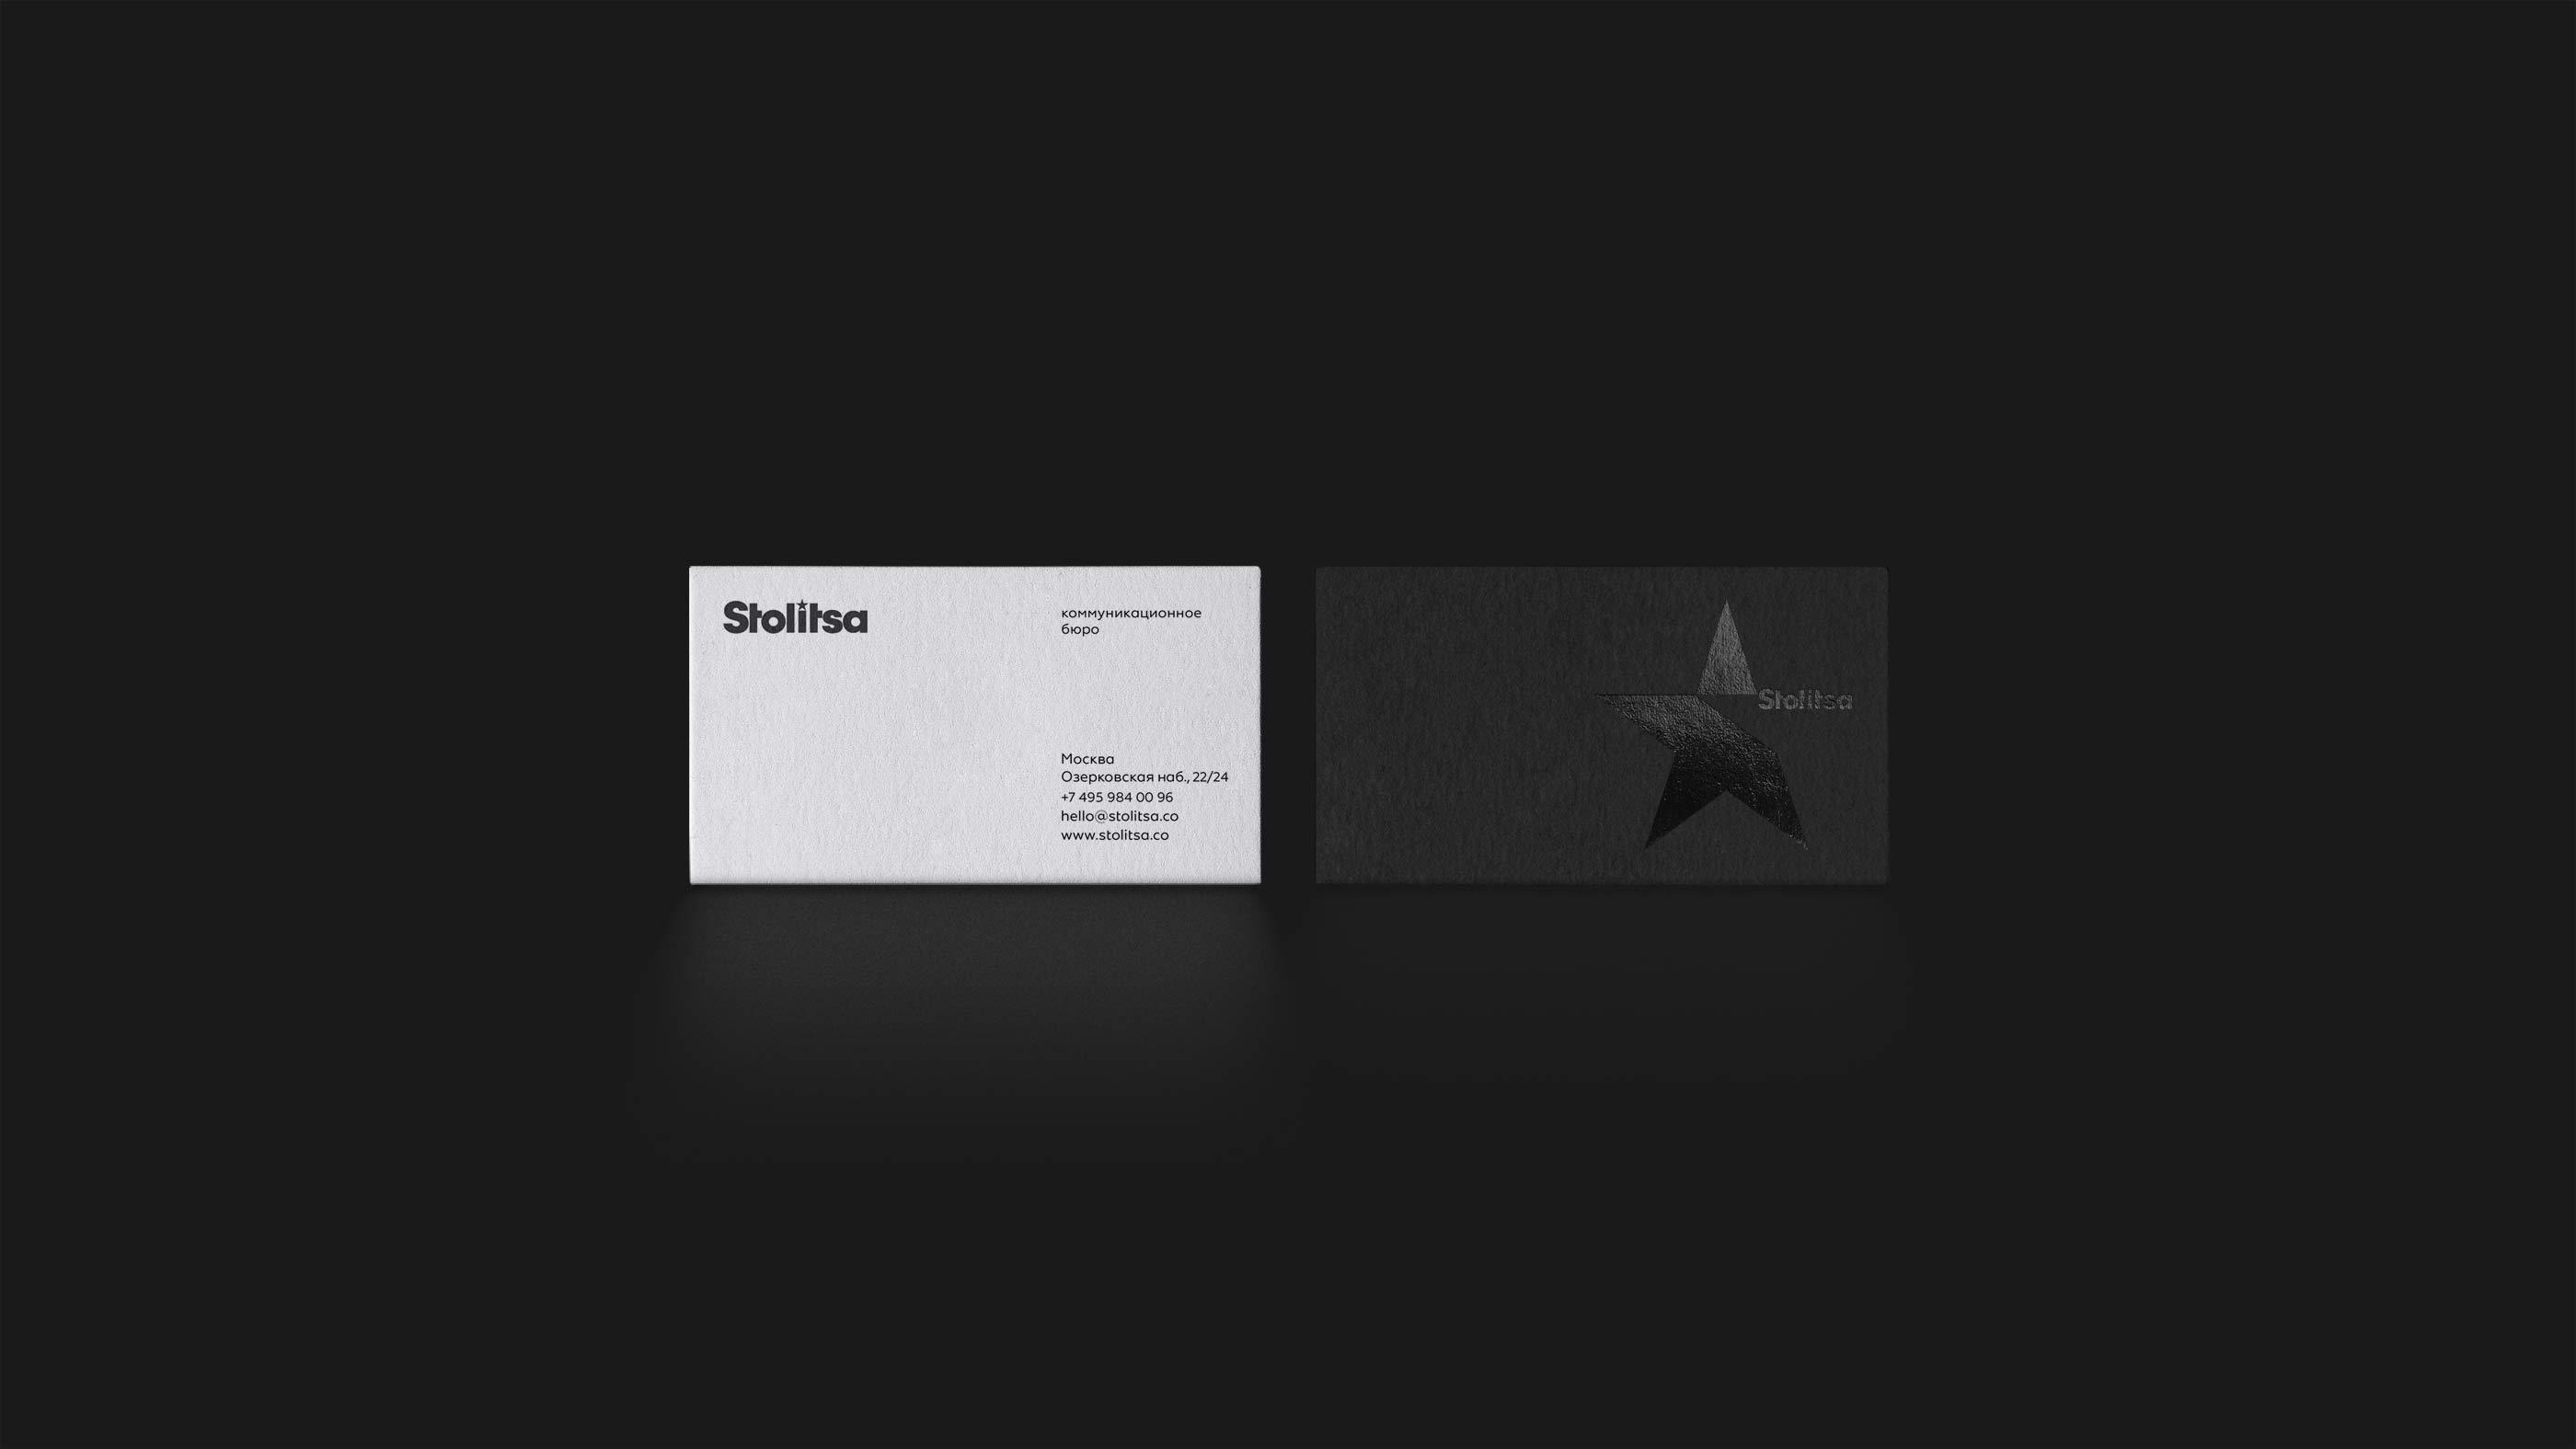 namecards